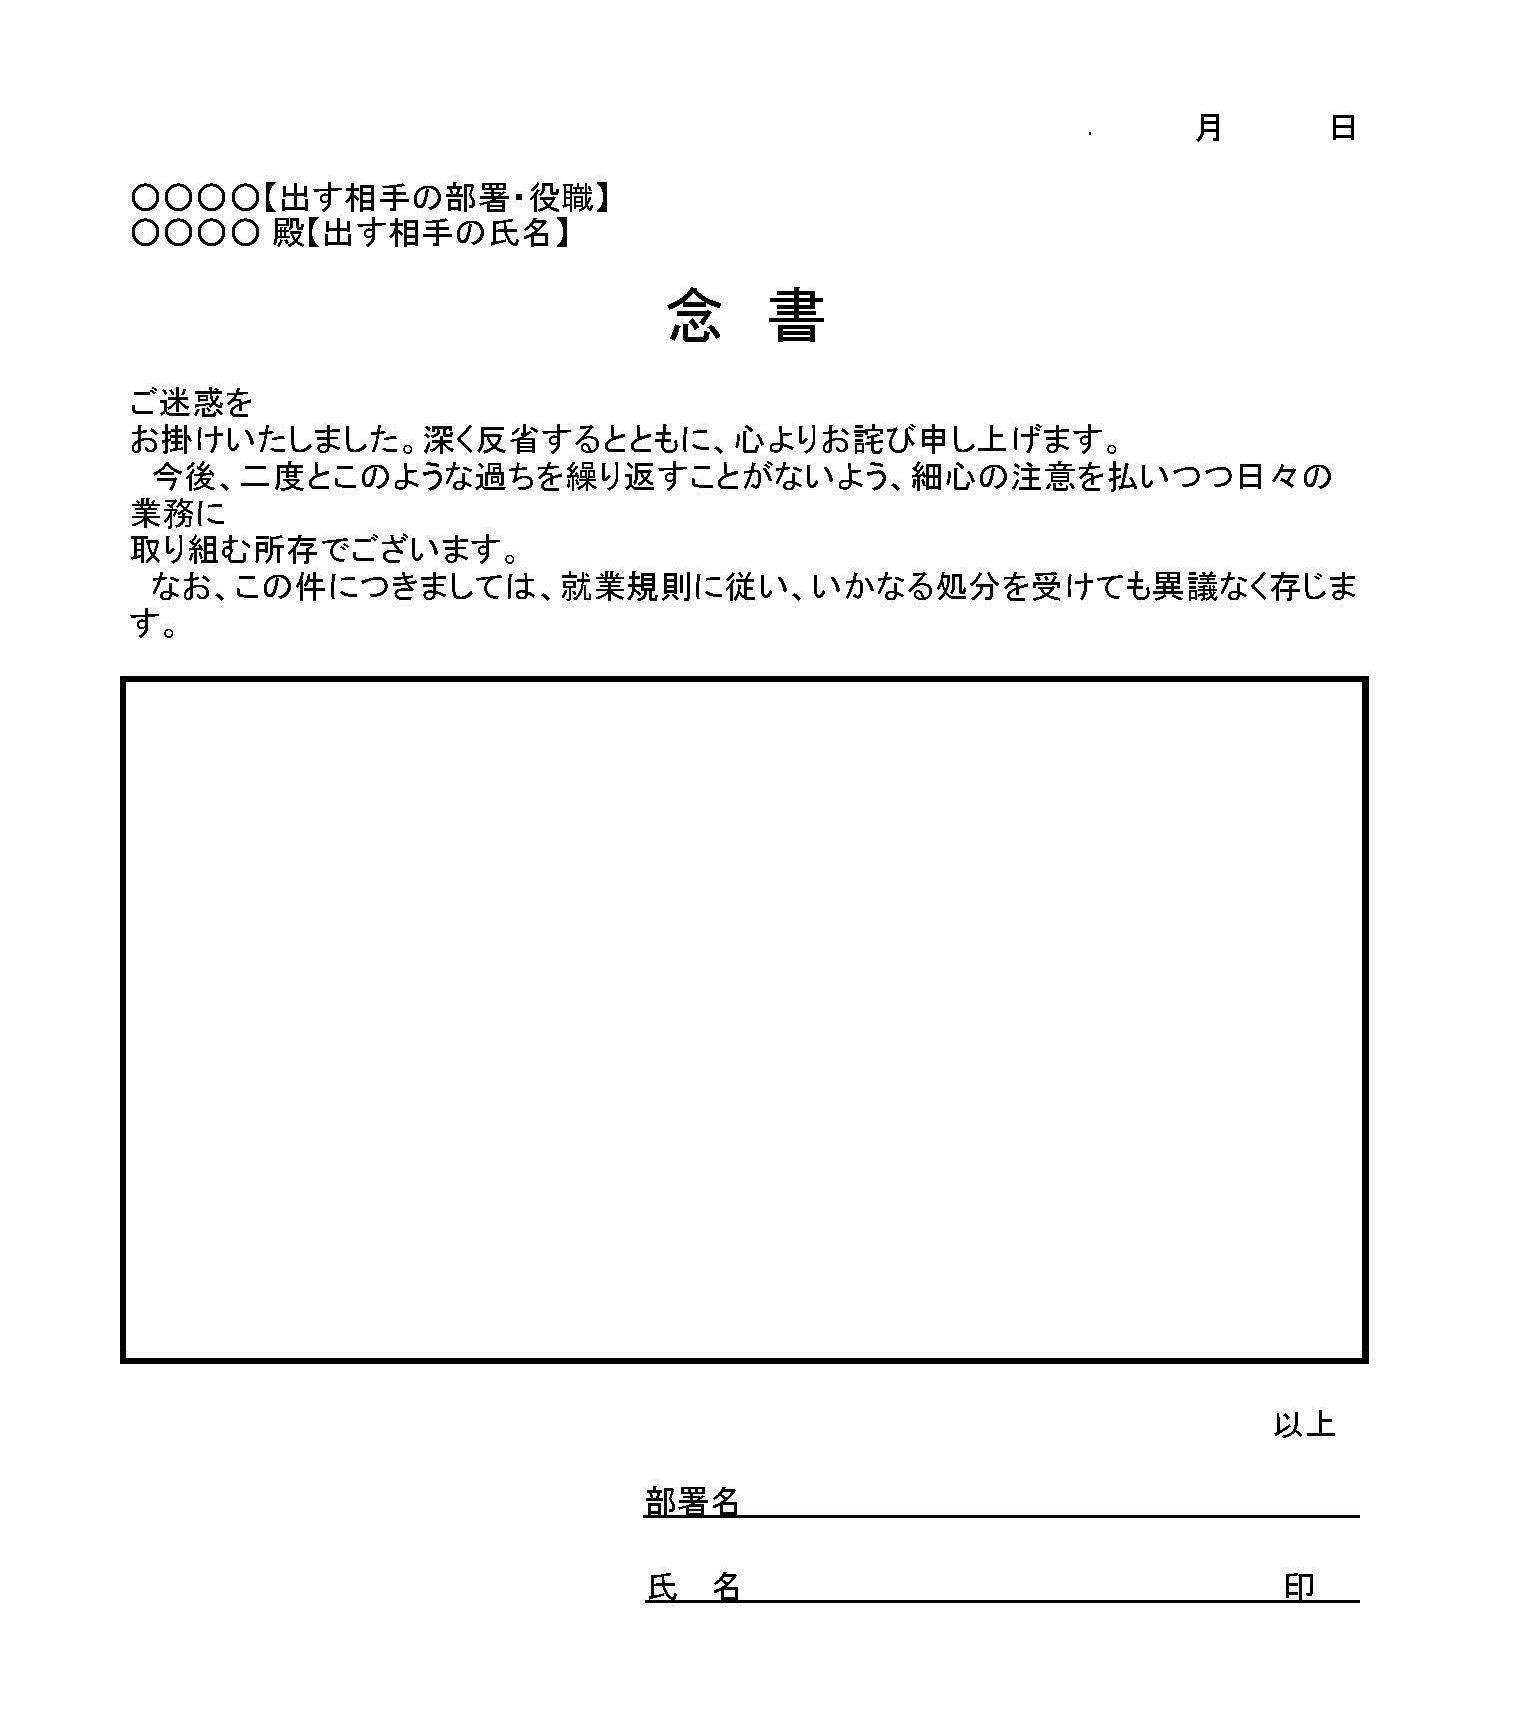 会員登録不要で無料でダウンロードできる念書のテンプレート書式